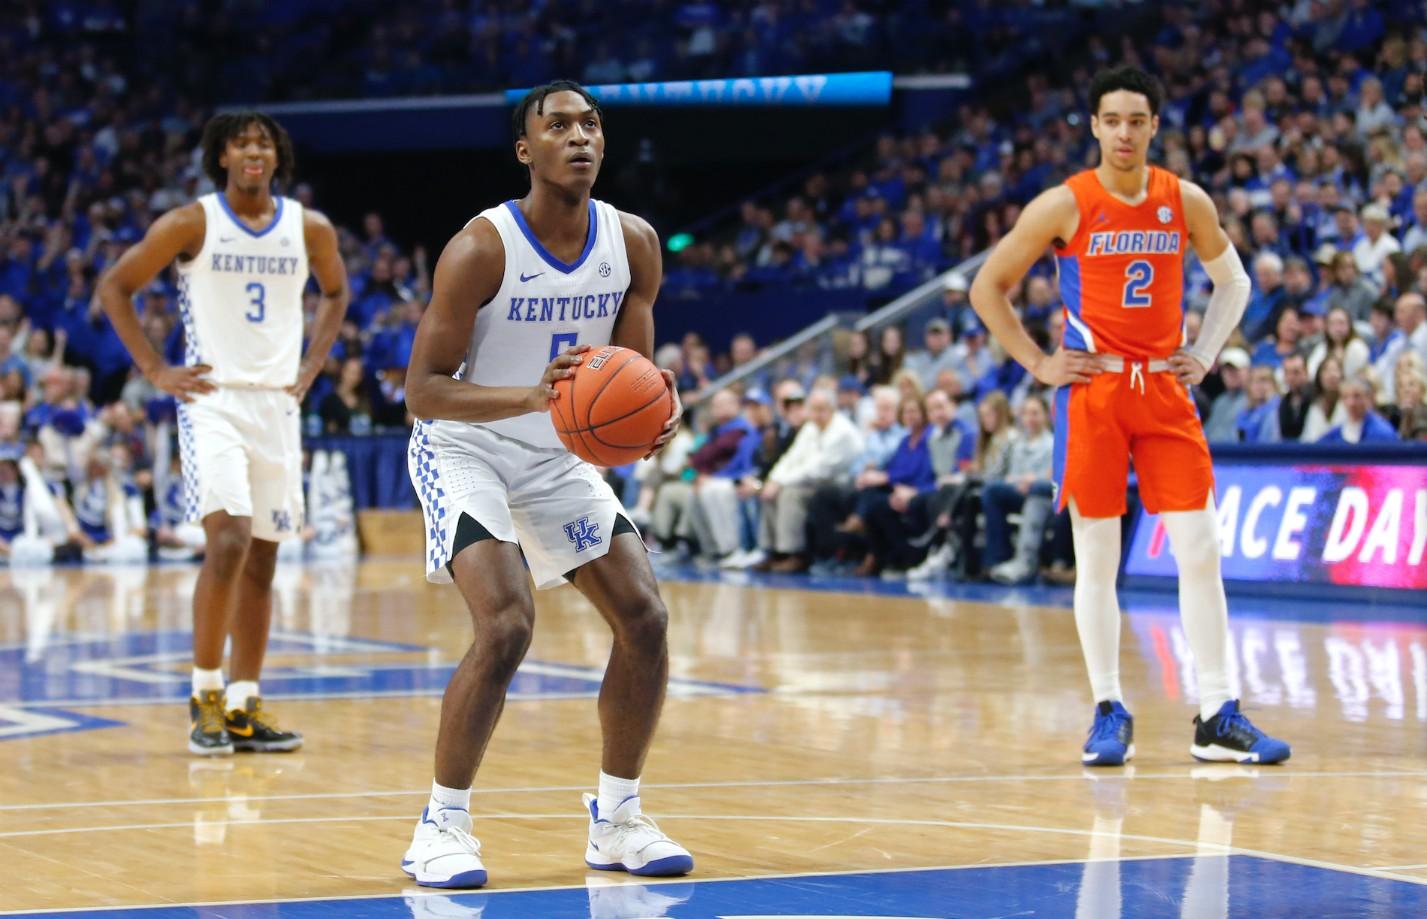 Kentucky baskteball